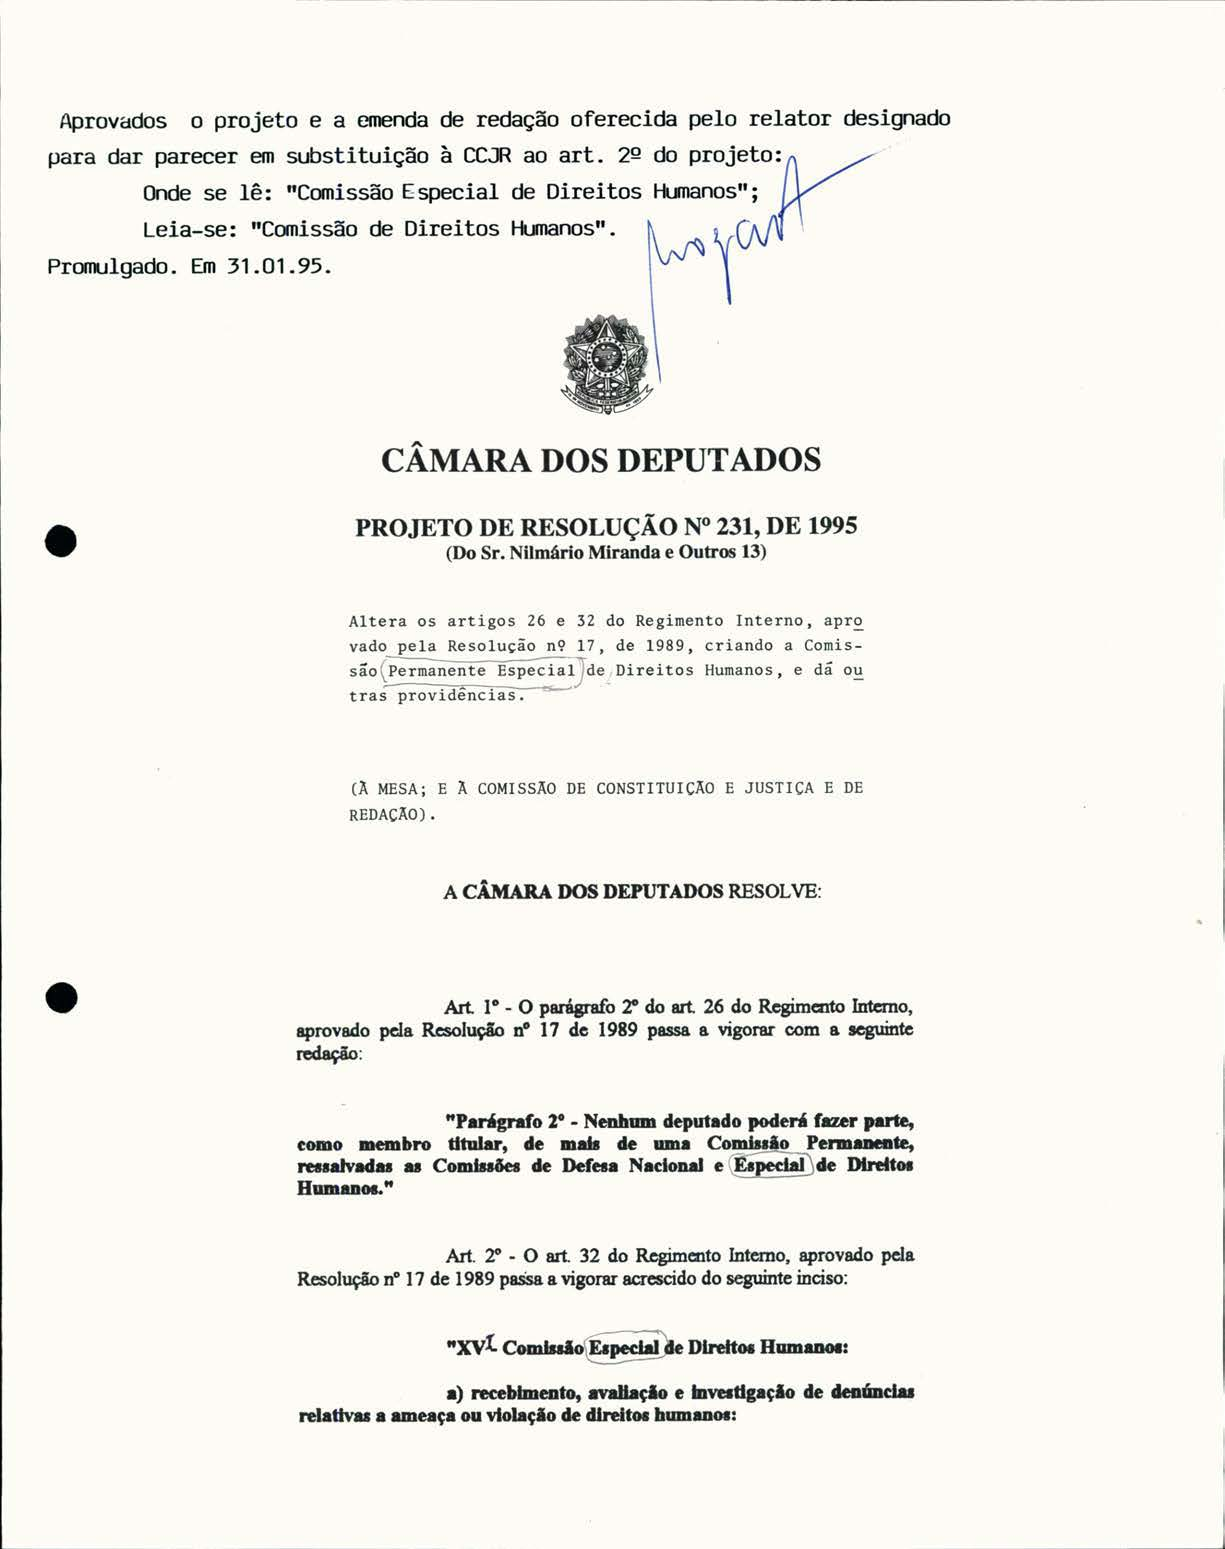 Projeto do deputado Nilmário Miranda(PT-MG) aprovado pela Câmara que institui a Comissão de Direitos Humanos e Minorias